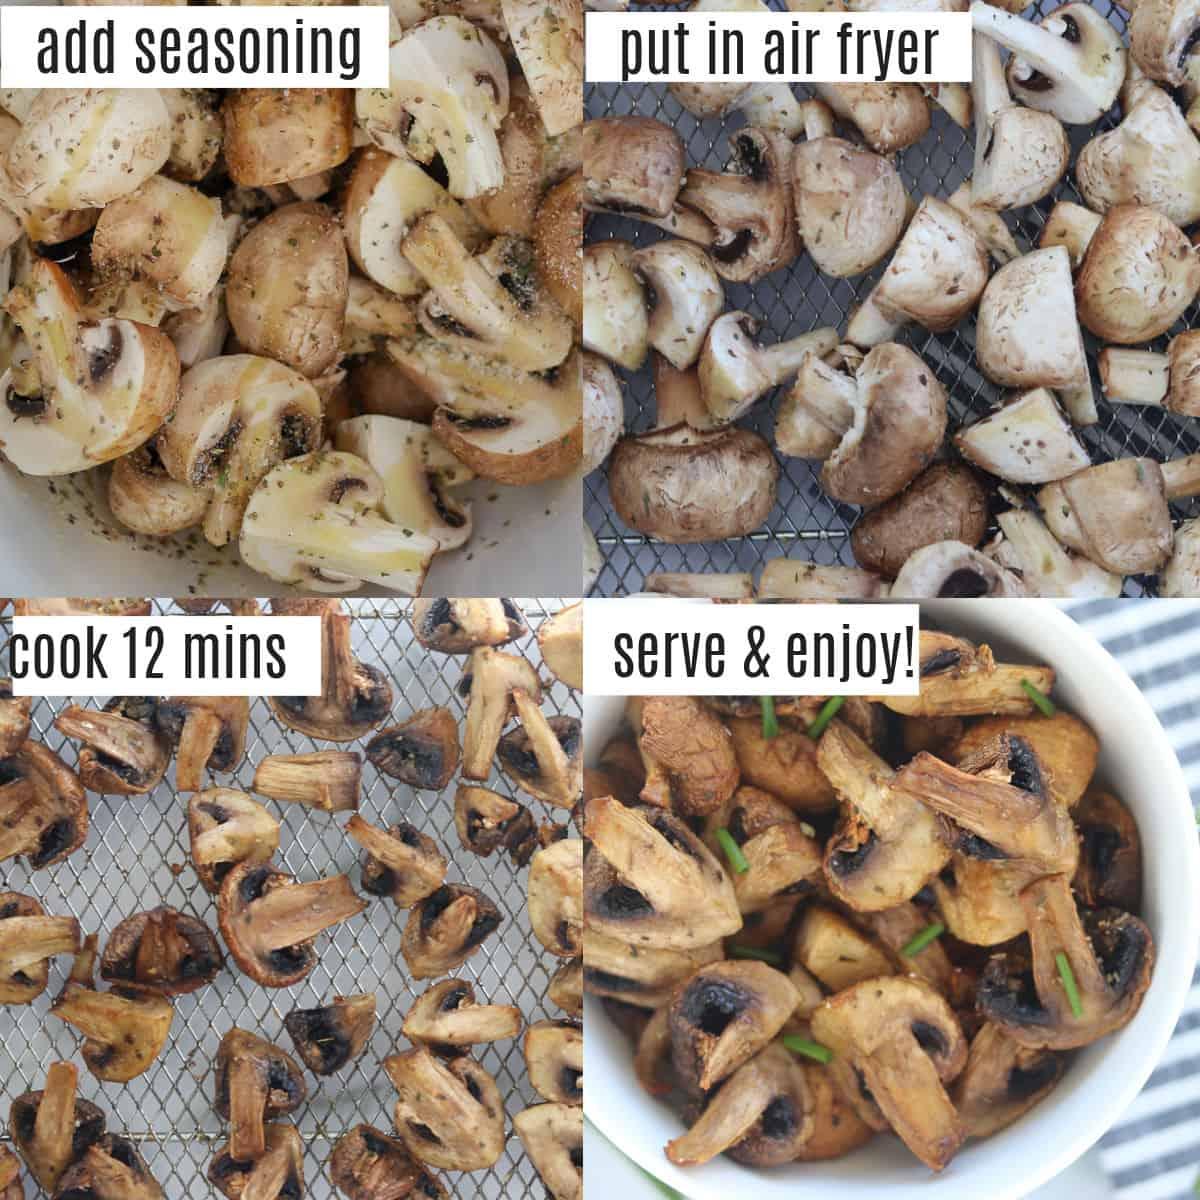 mushrooms air fryer recipe steps image